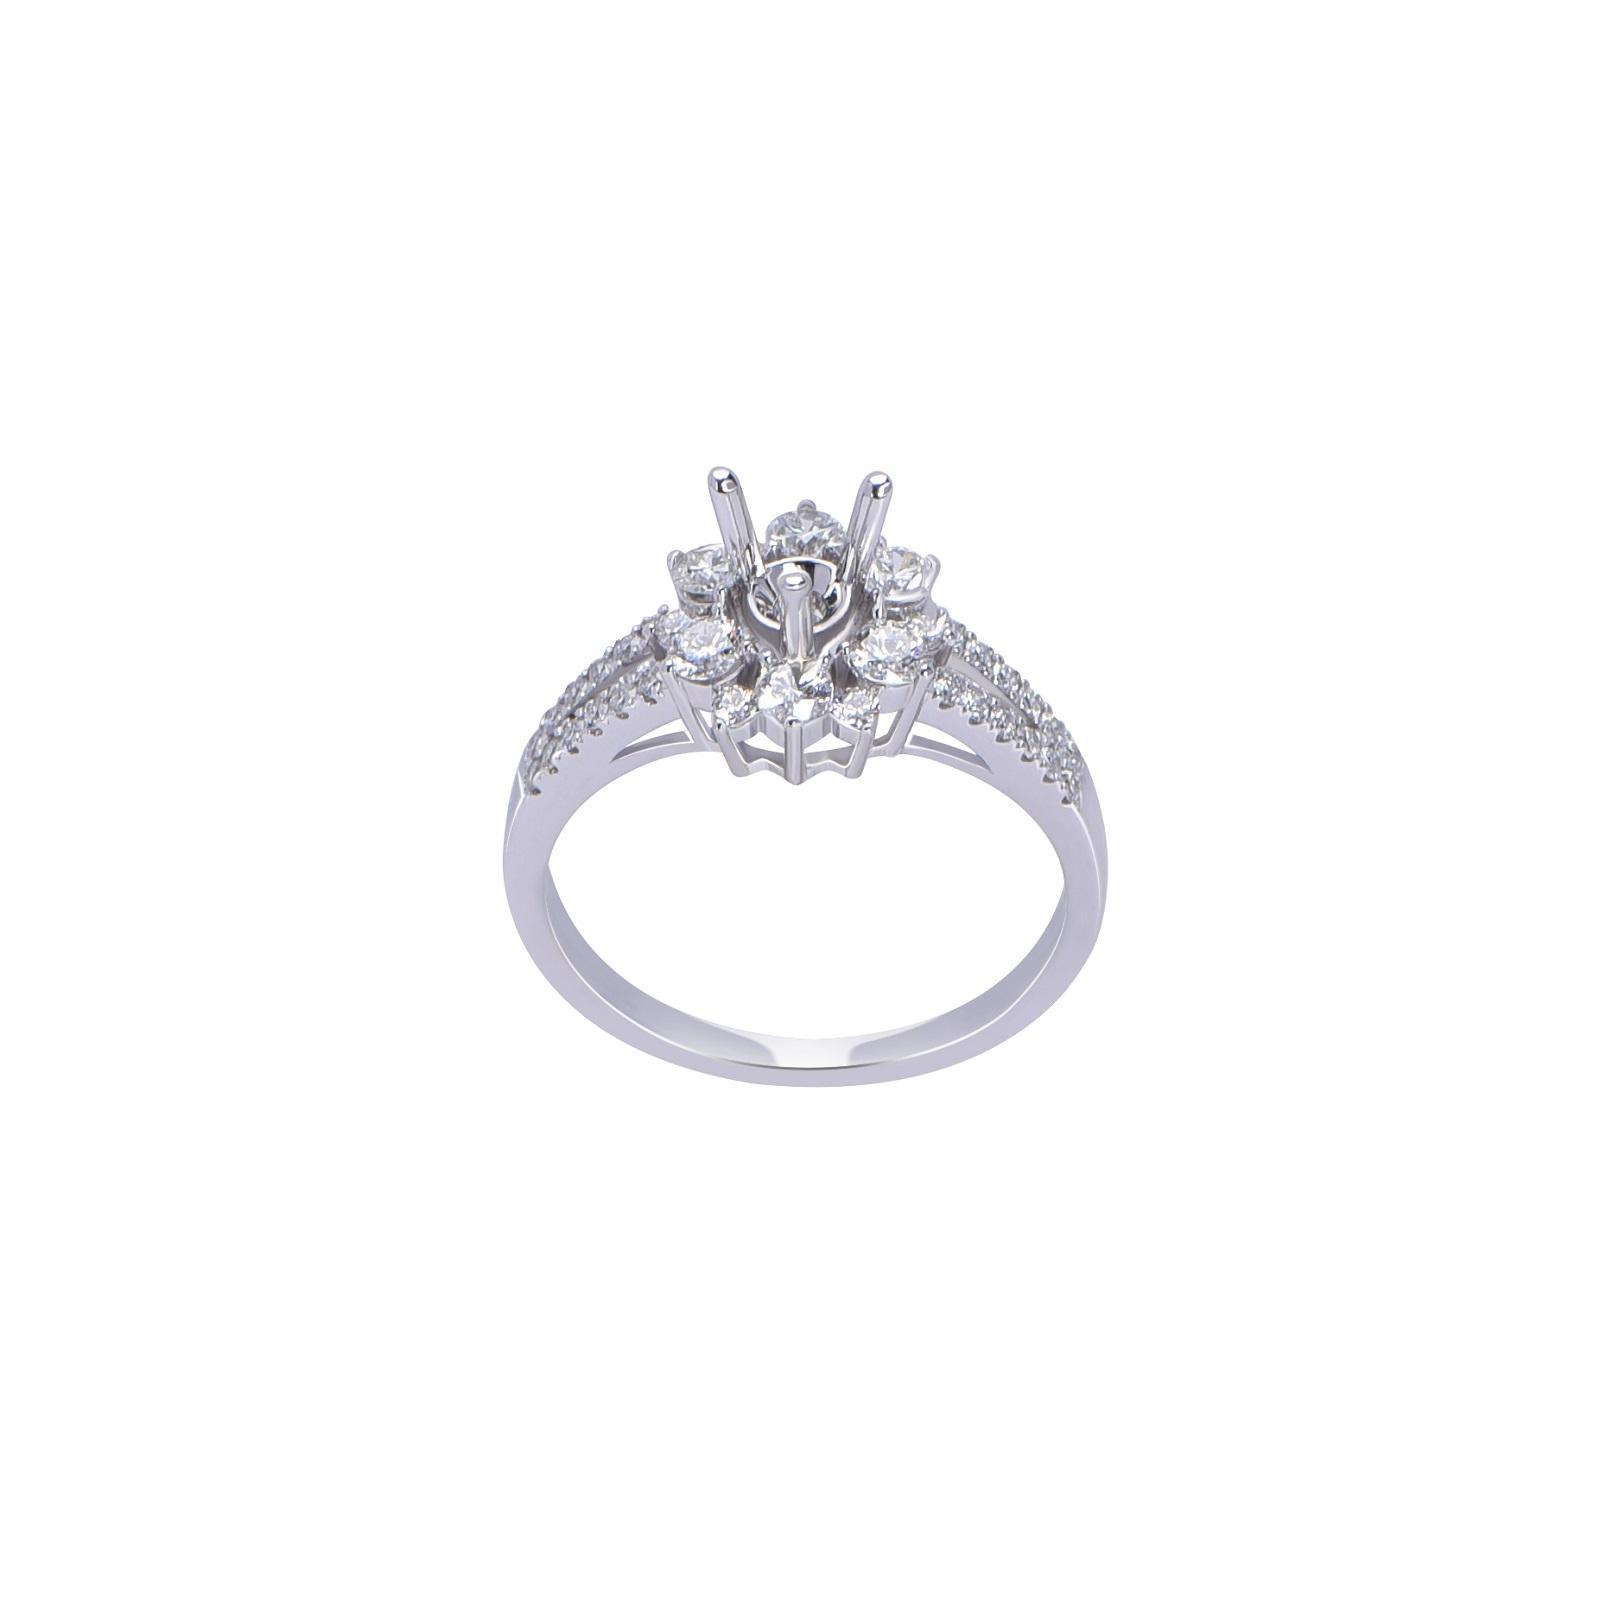 Vỏ nhẫn đá Kim cương 21N071